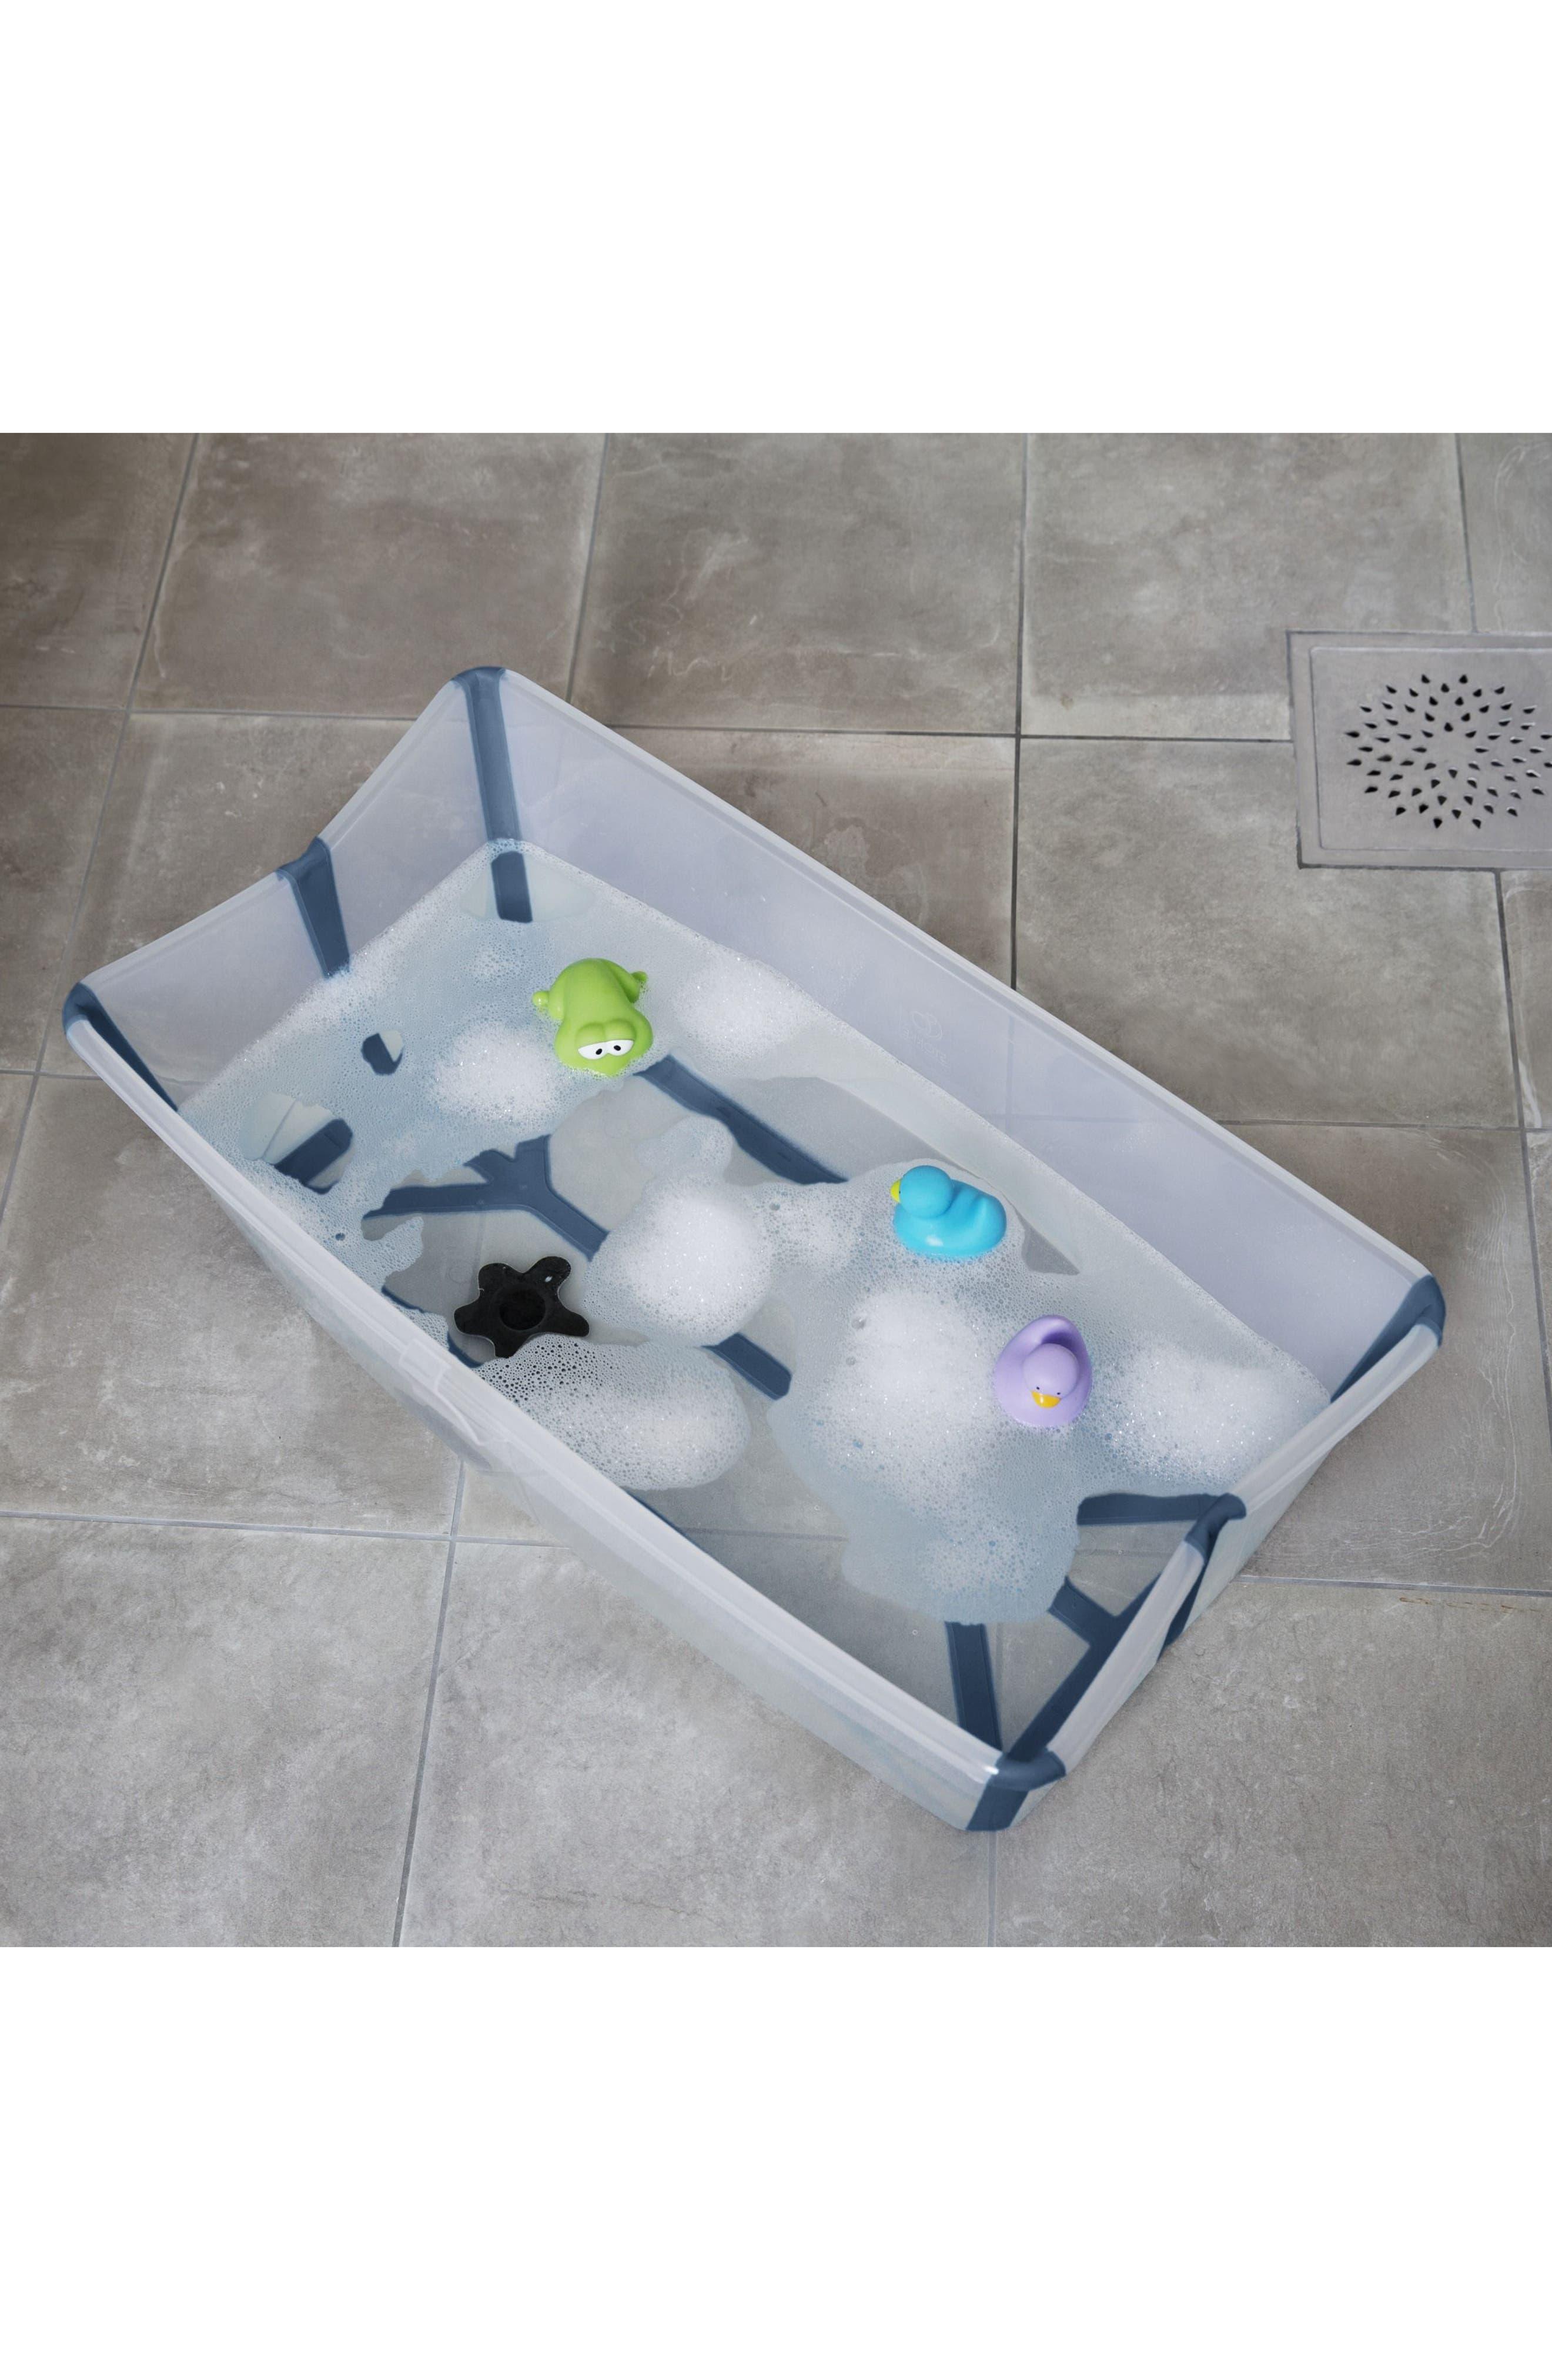 'Flexi Bath<sup>®</sup>' Foldable Baby Bathtub,                             Alternate thumbnail 3, color,                             TRANSPARENT BLUE